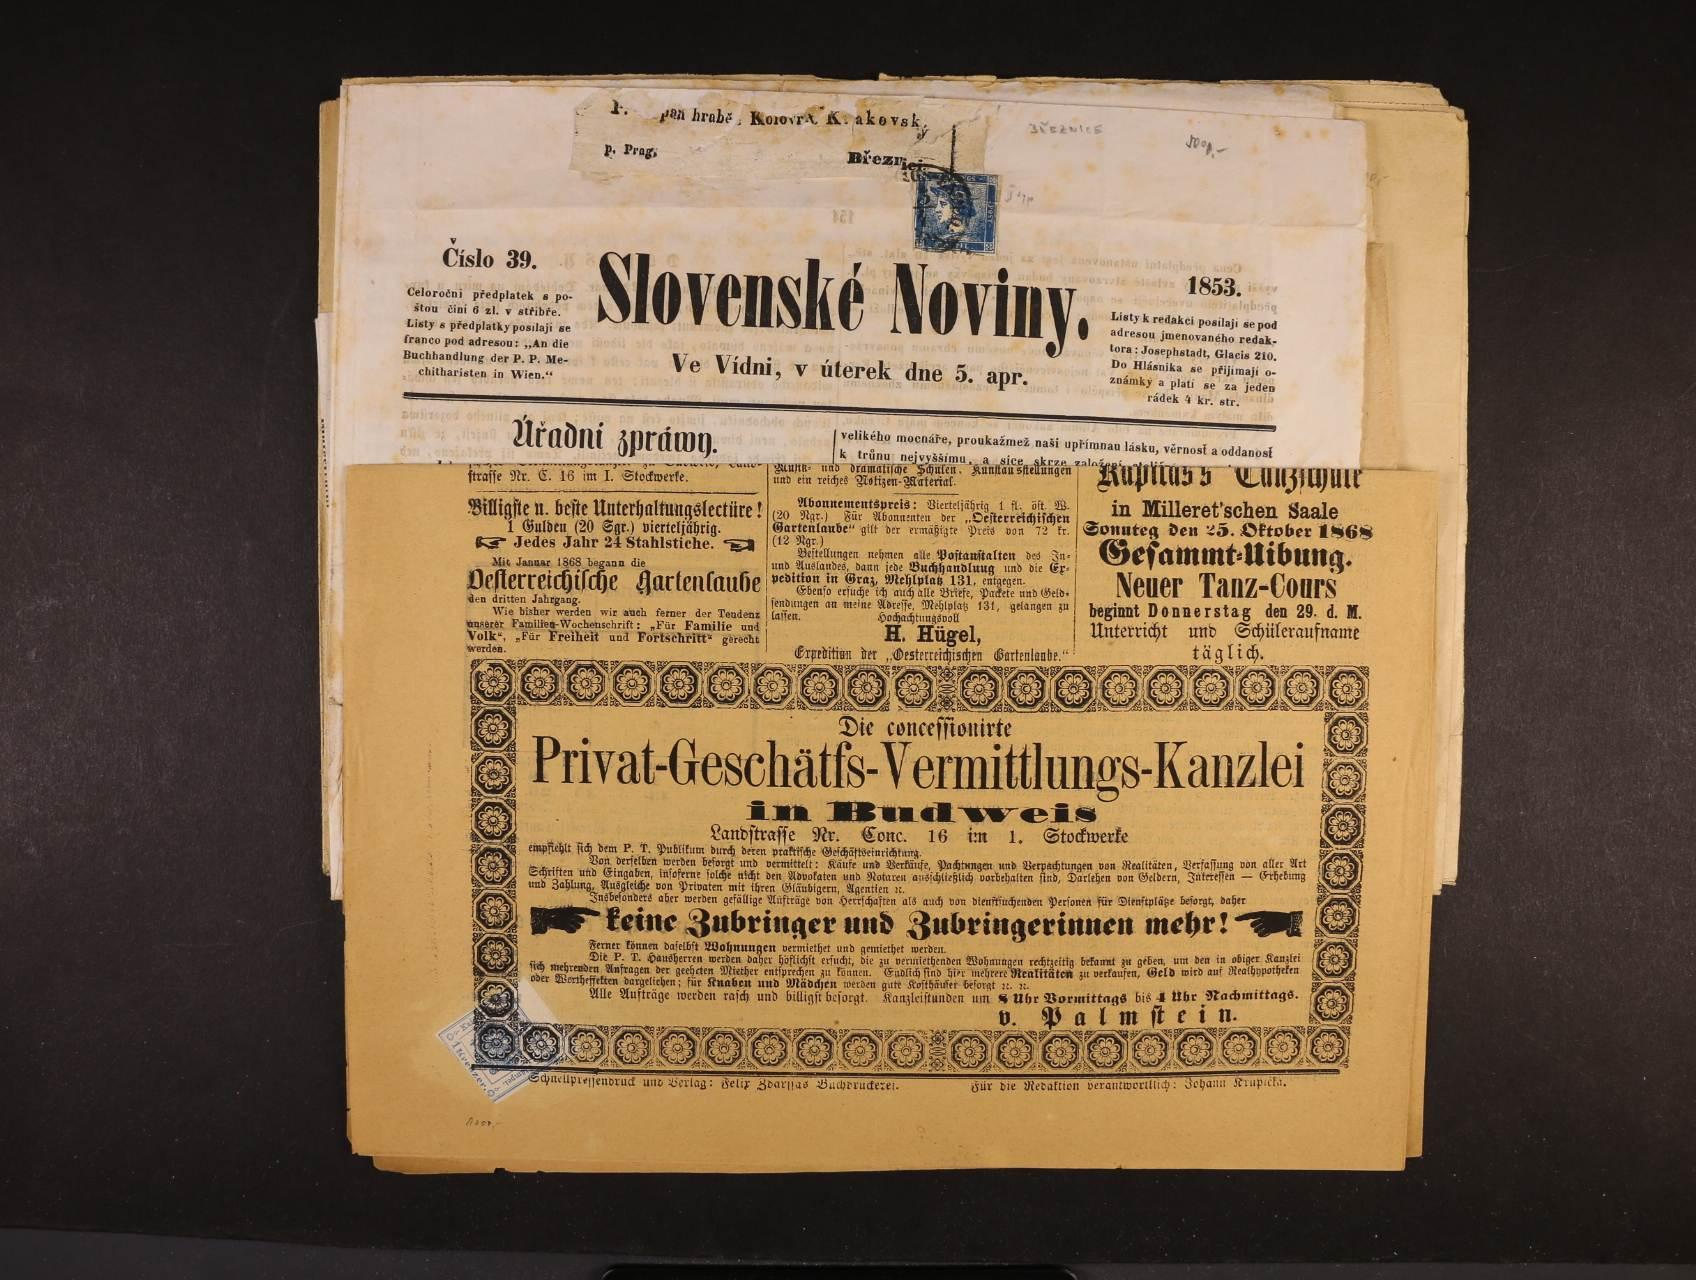 sestava 6 ks různých novin se signětami, 1x frank. zn. Fe. č. 6, 2 ks frank. novinovou zn. Fe. č. 2, 1x frank. zn. Fe. 7, kvalita k prohlédnutí